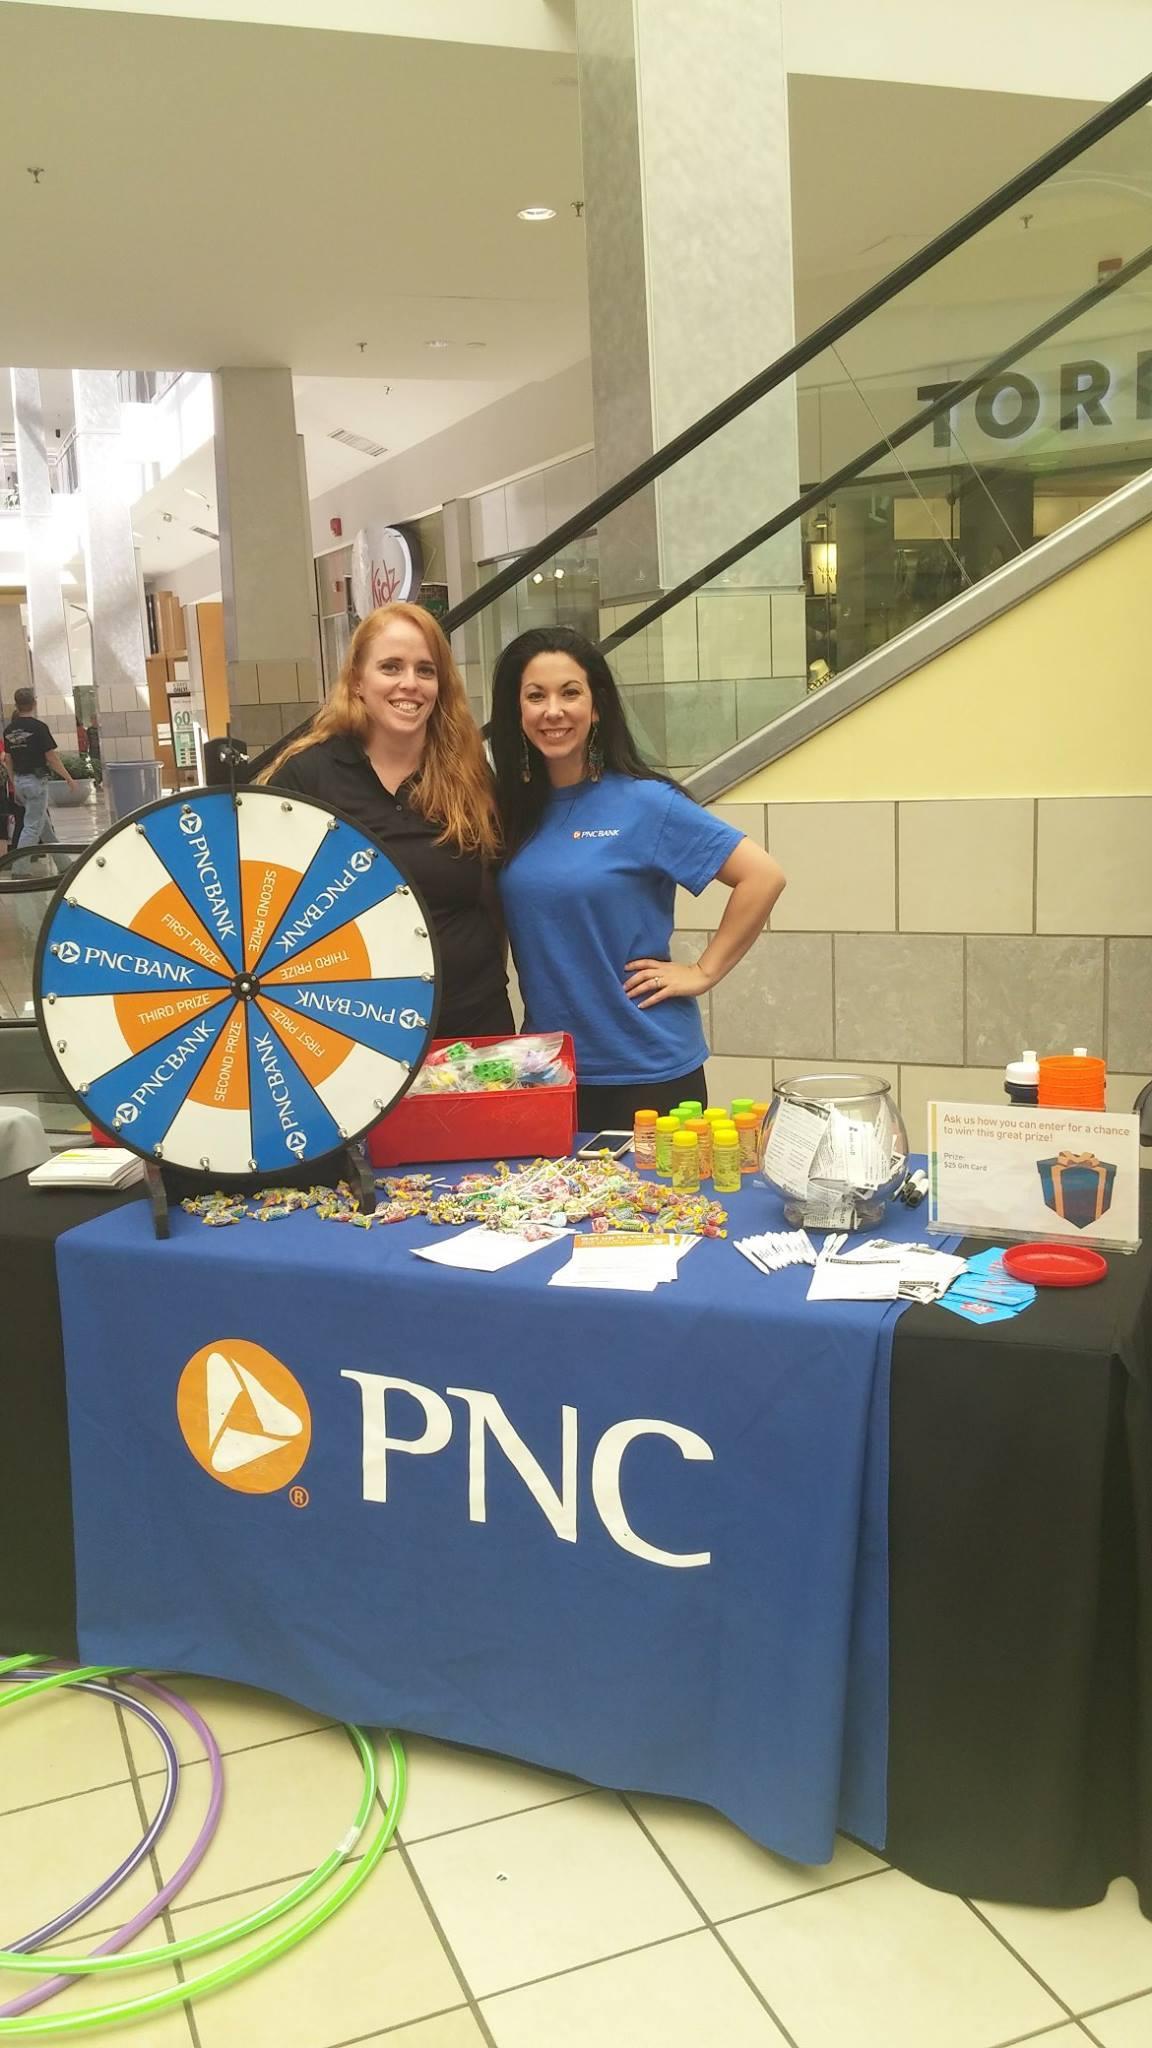 PNC Bank at Bricks 4 Kidz Event